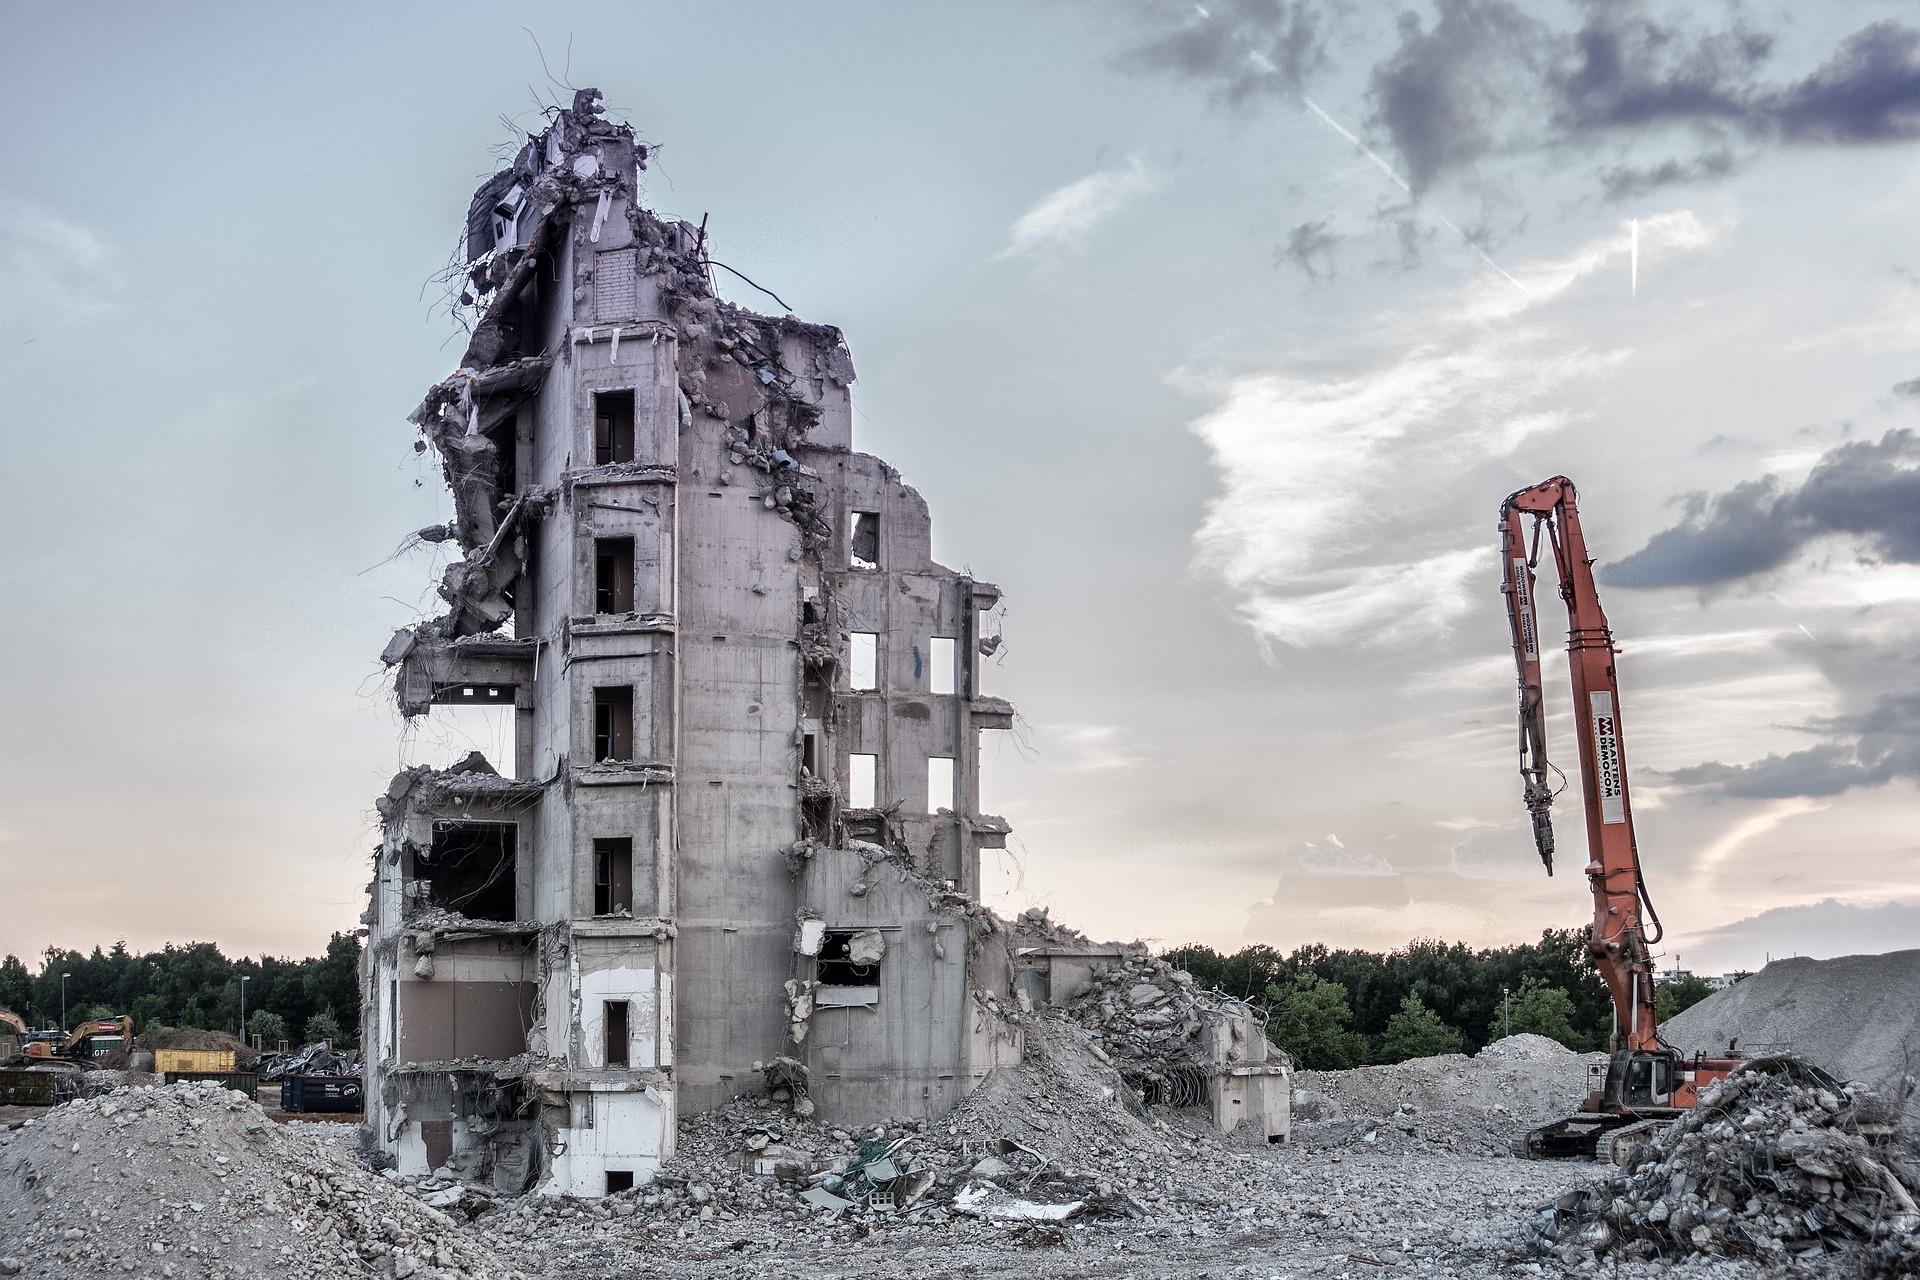 Gerenciamento de resíduos da construção civil: 3 motivos para fazer